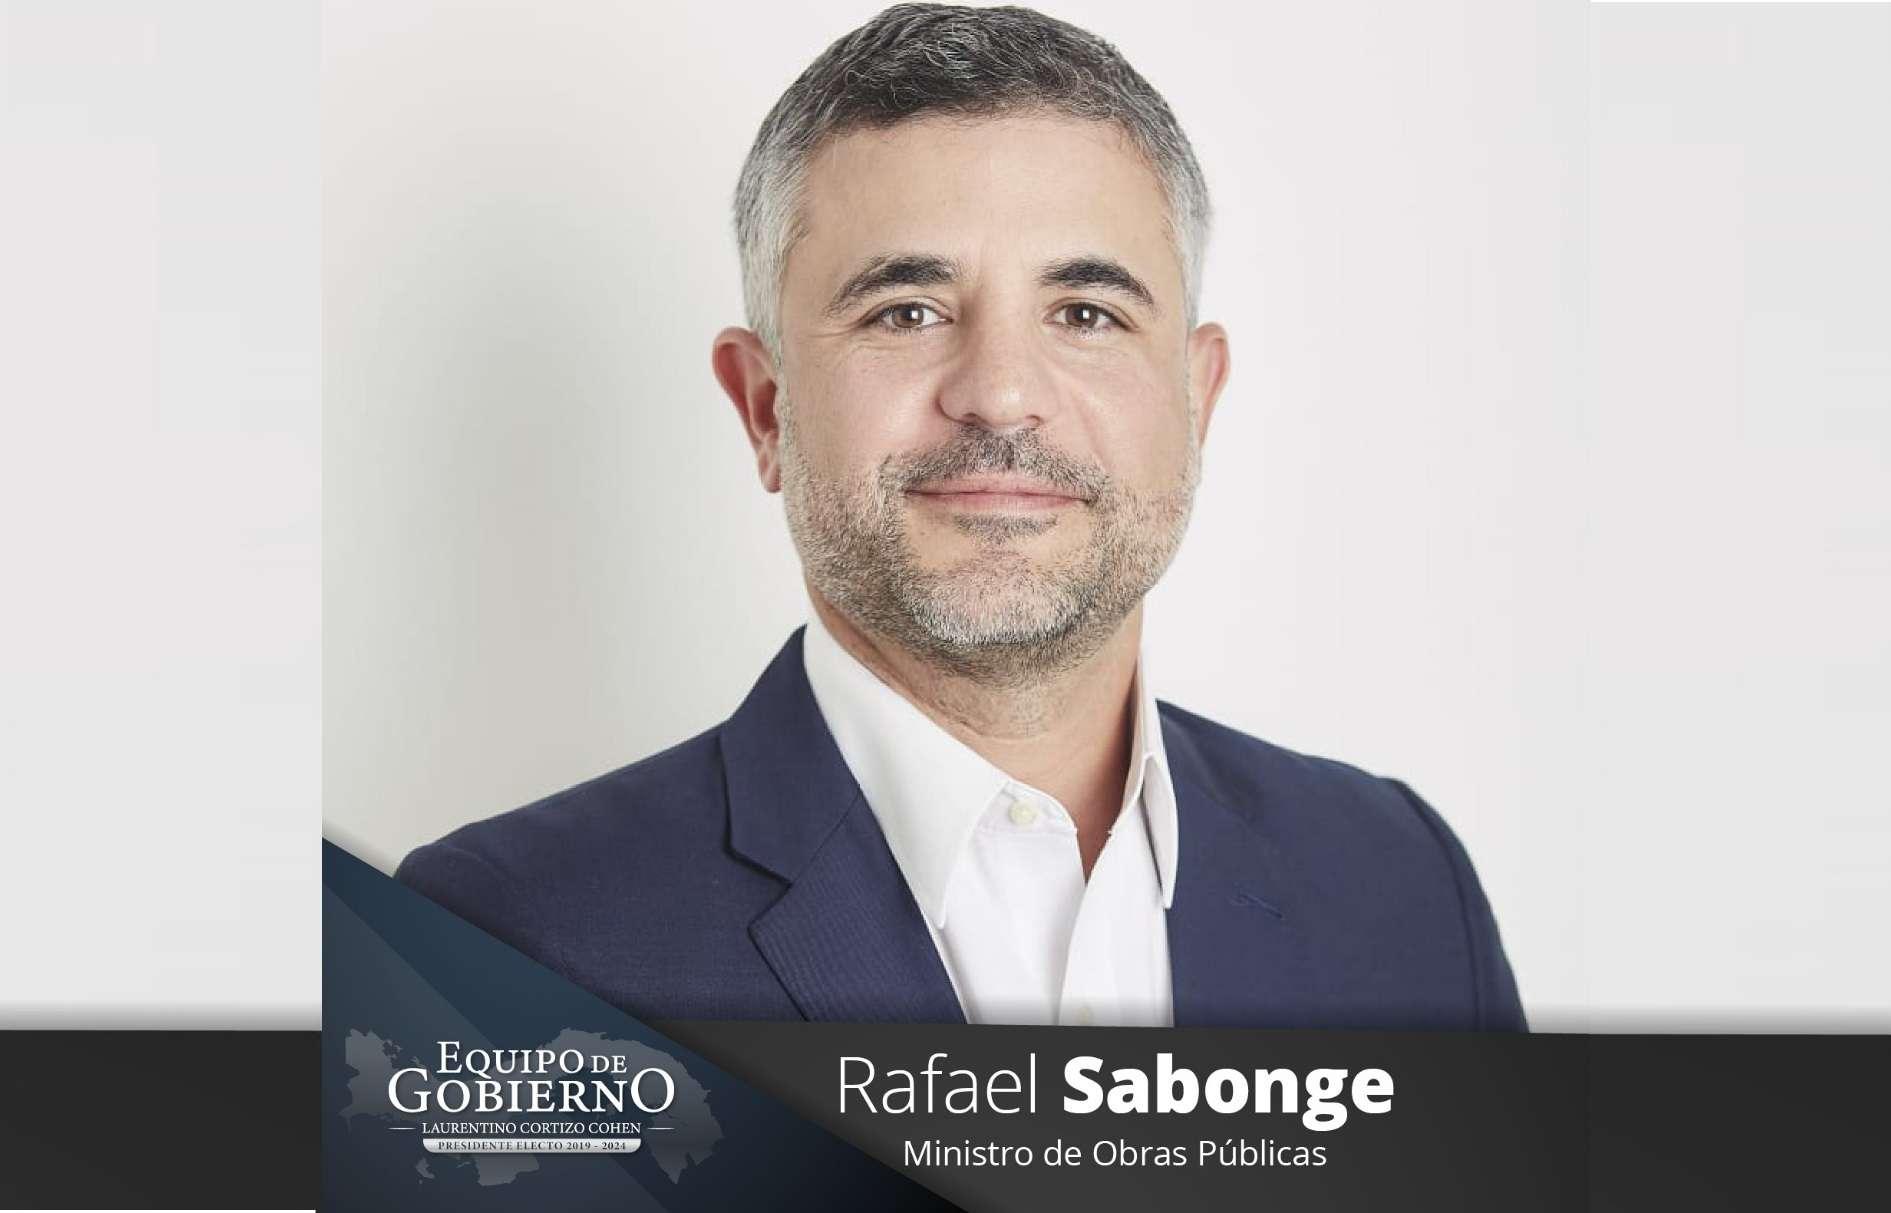 Rafael Sabonge, Ministro de Obras Públicas.